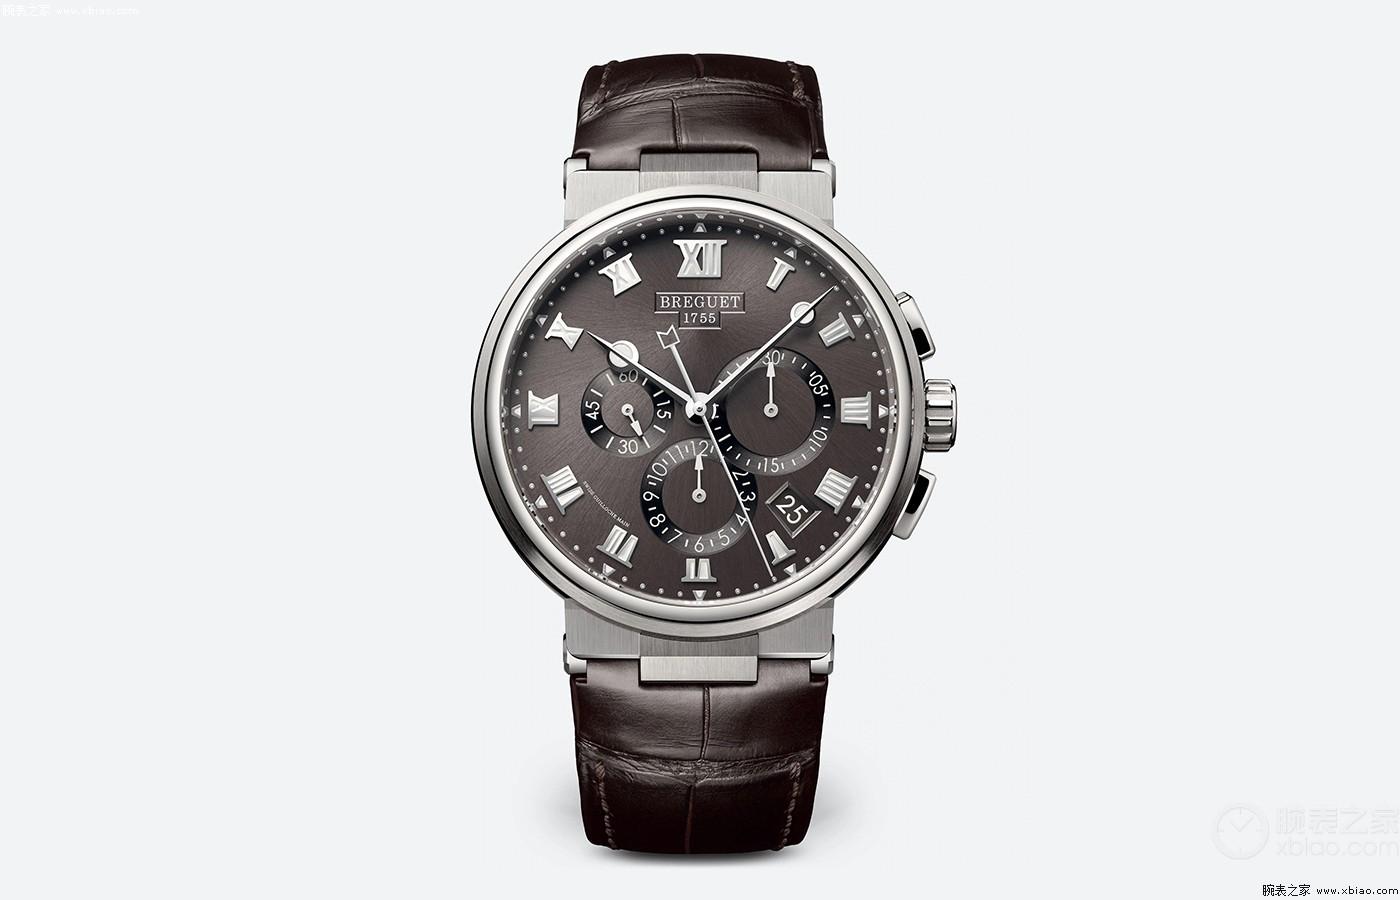 推荐|喜欢复古风格的腕表,应该买什么?